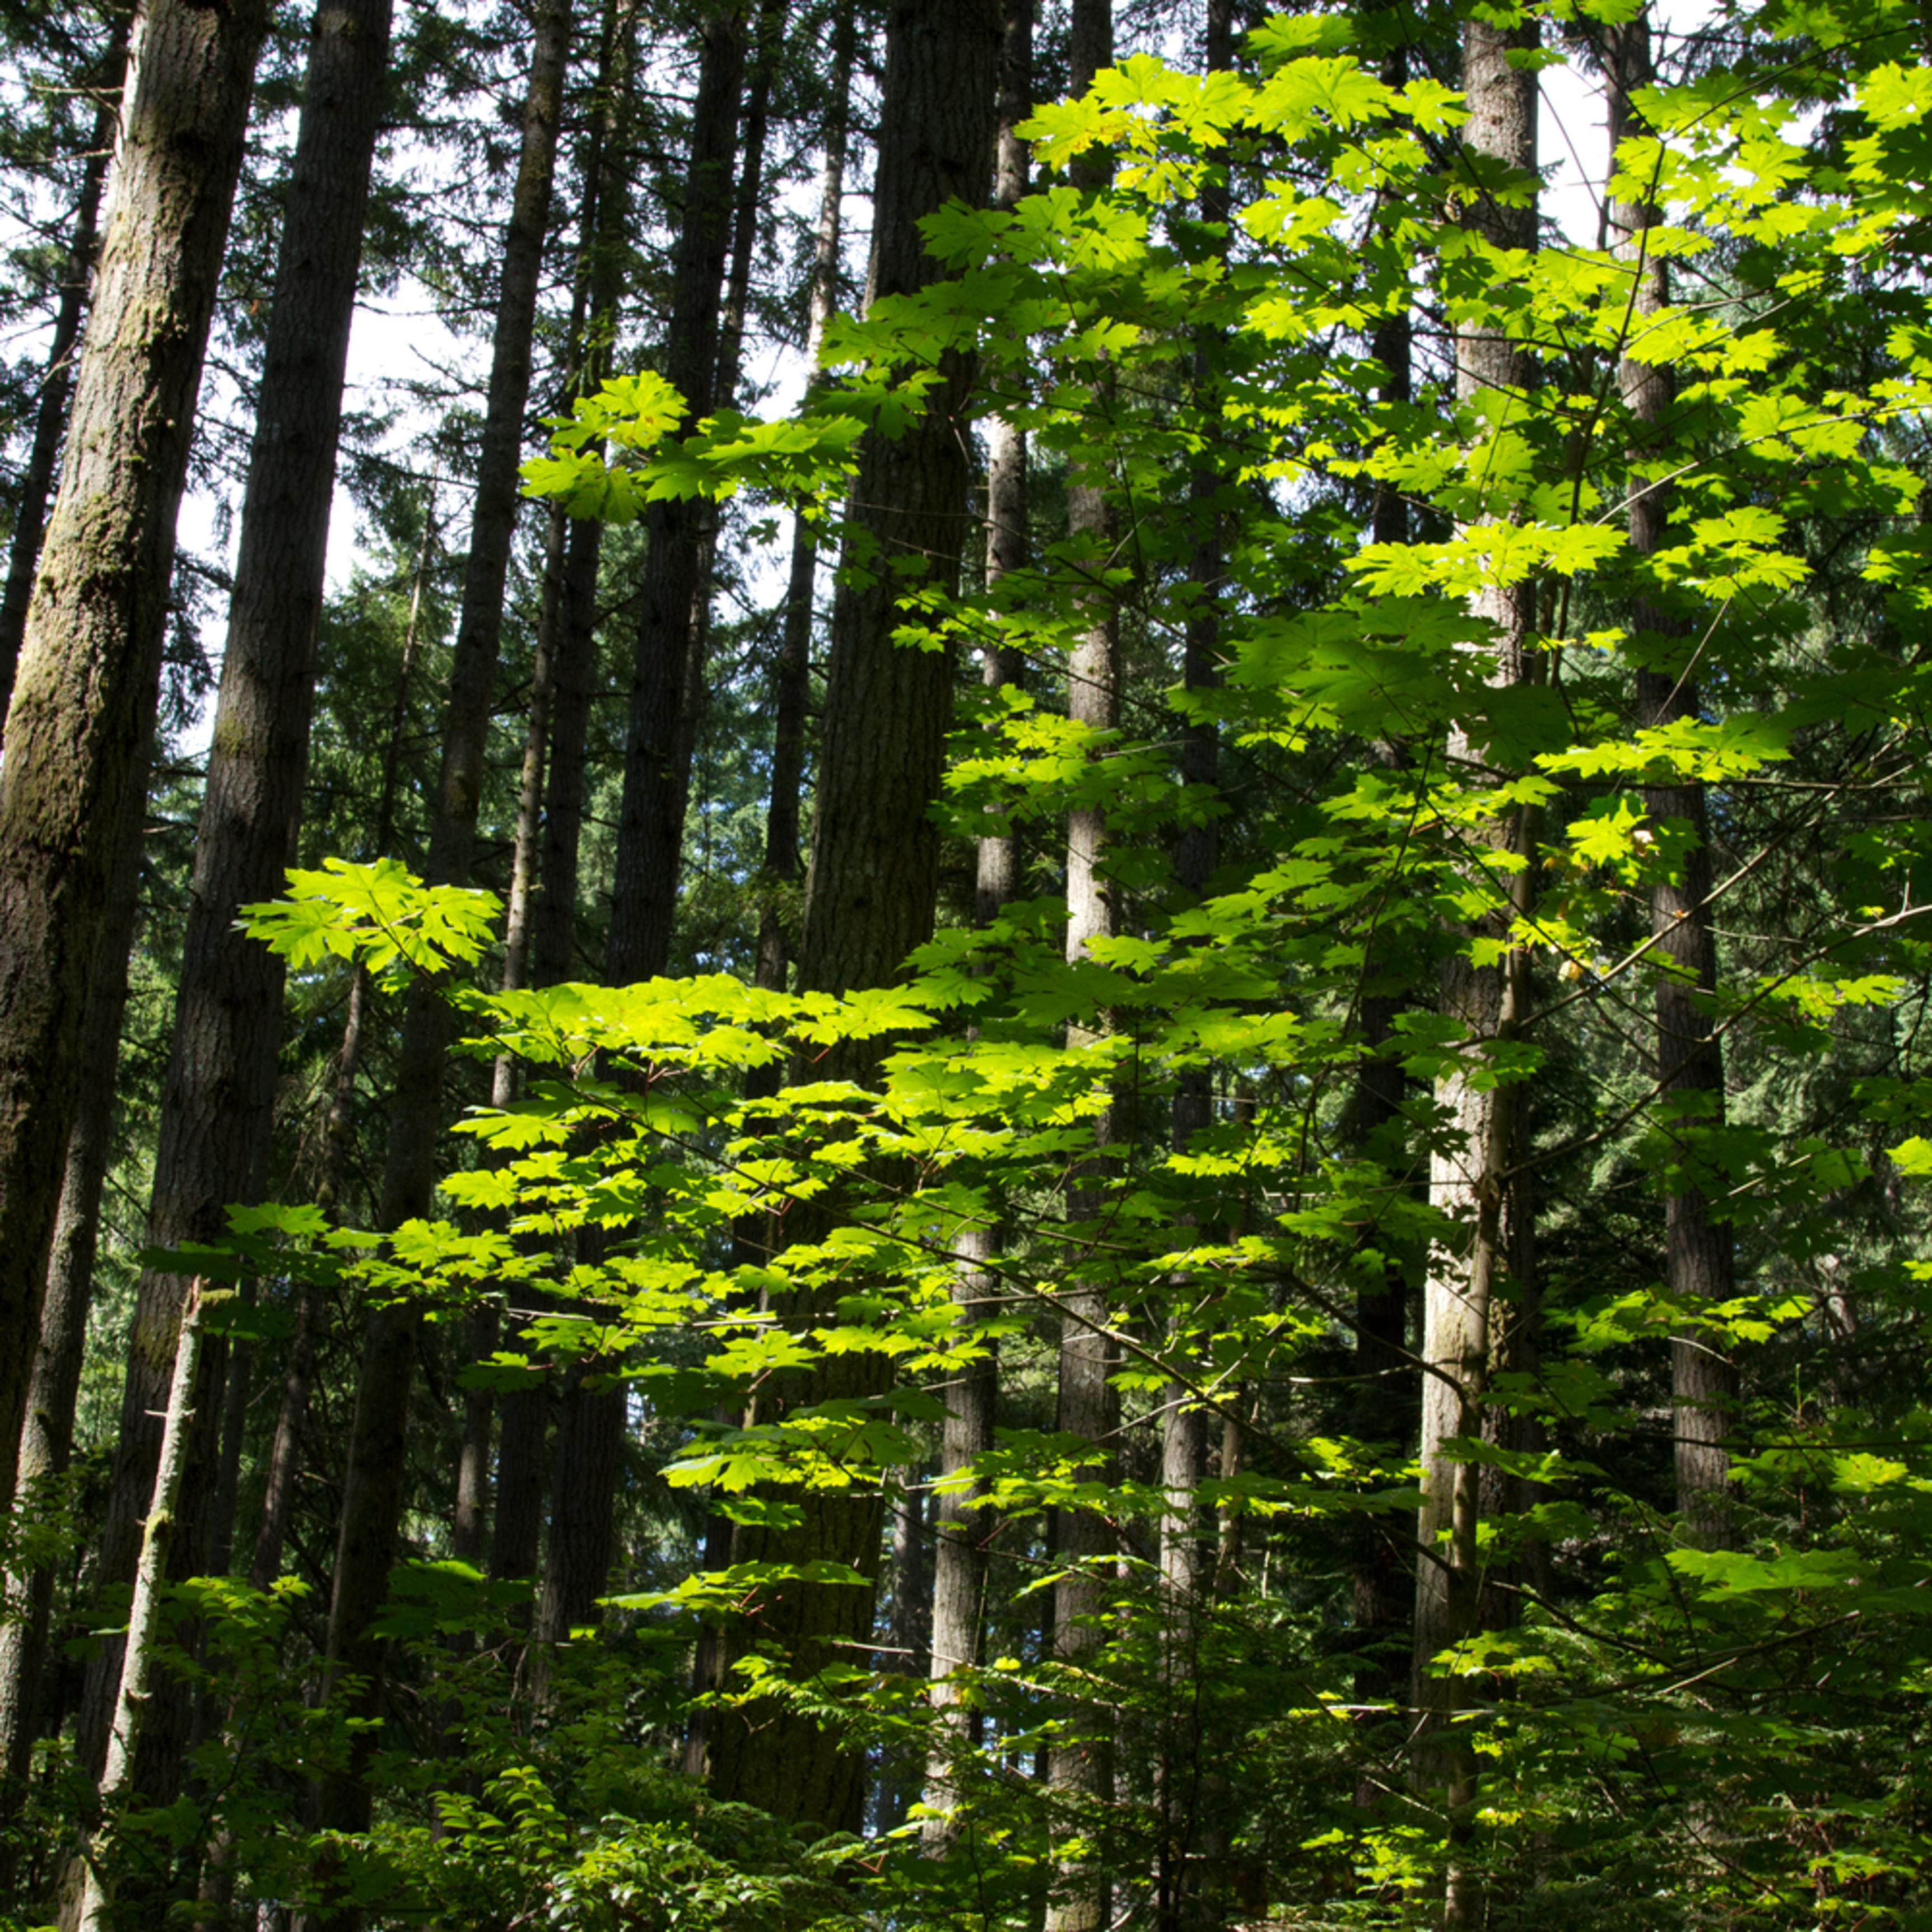 Bainbridge forest mygsfj